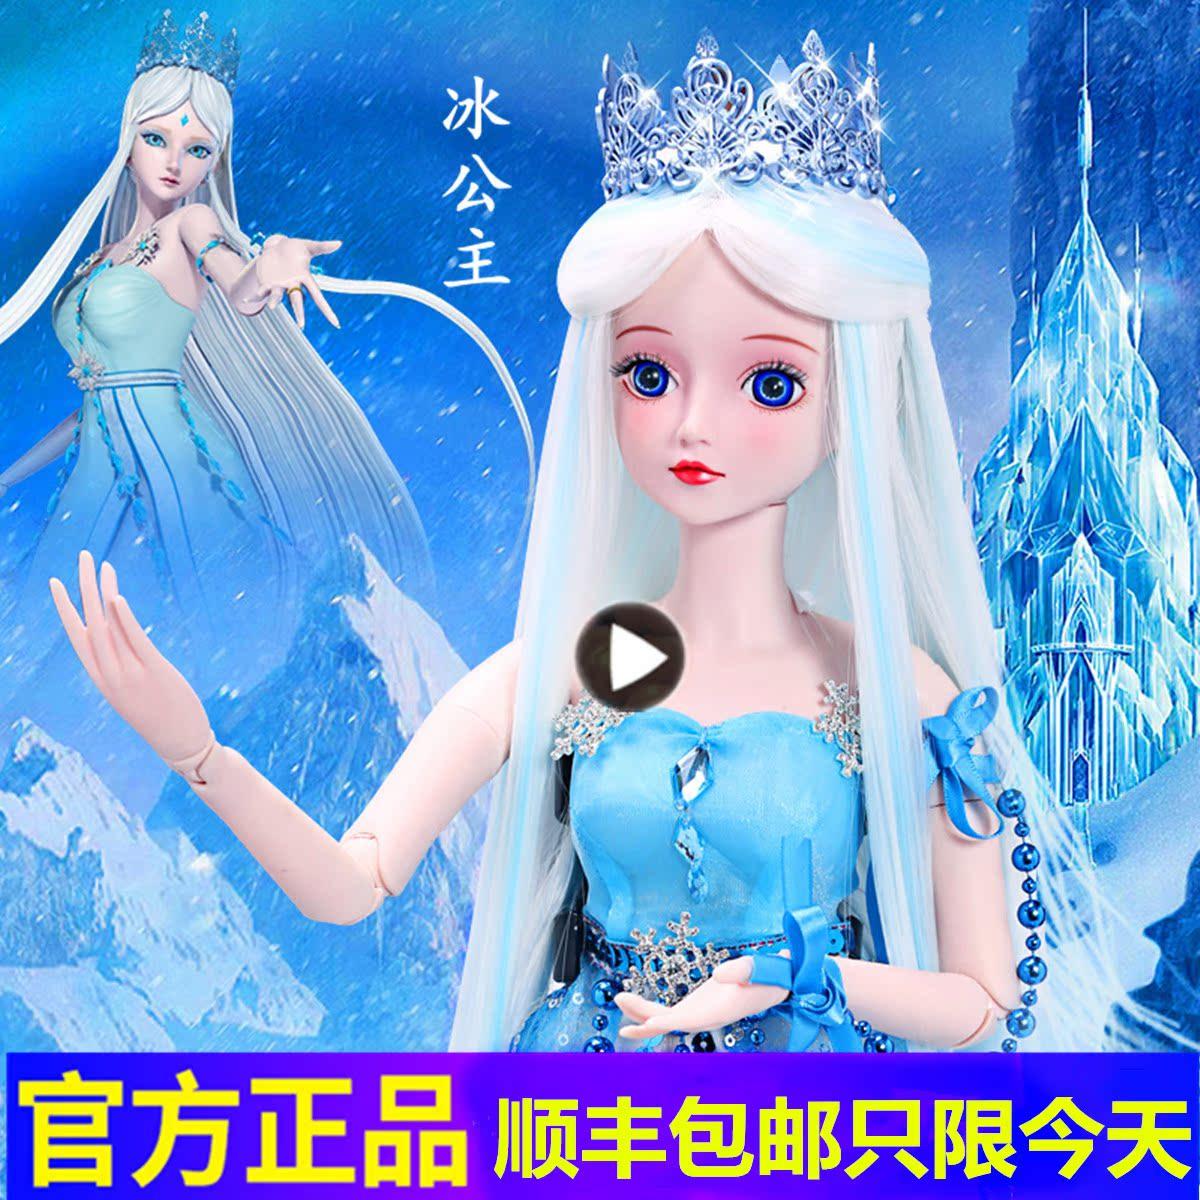 玩具叶罗丽女孩冰孔雀精灵梦60厘米夜萝莉玩具娃娃洋娃娃公主仙子正品v玩具图片